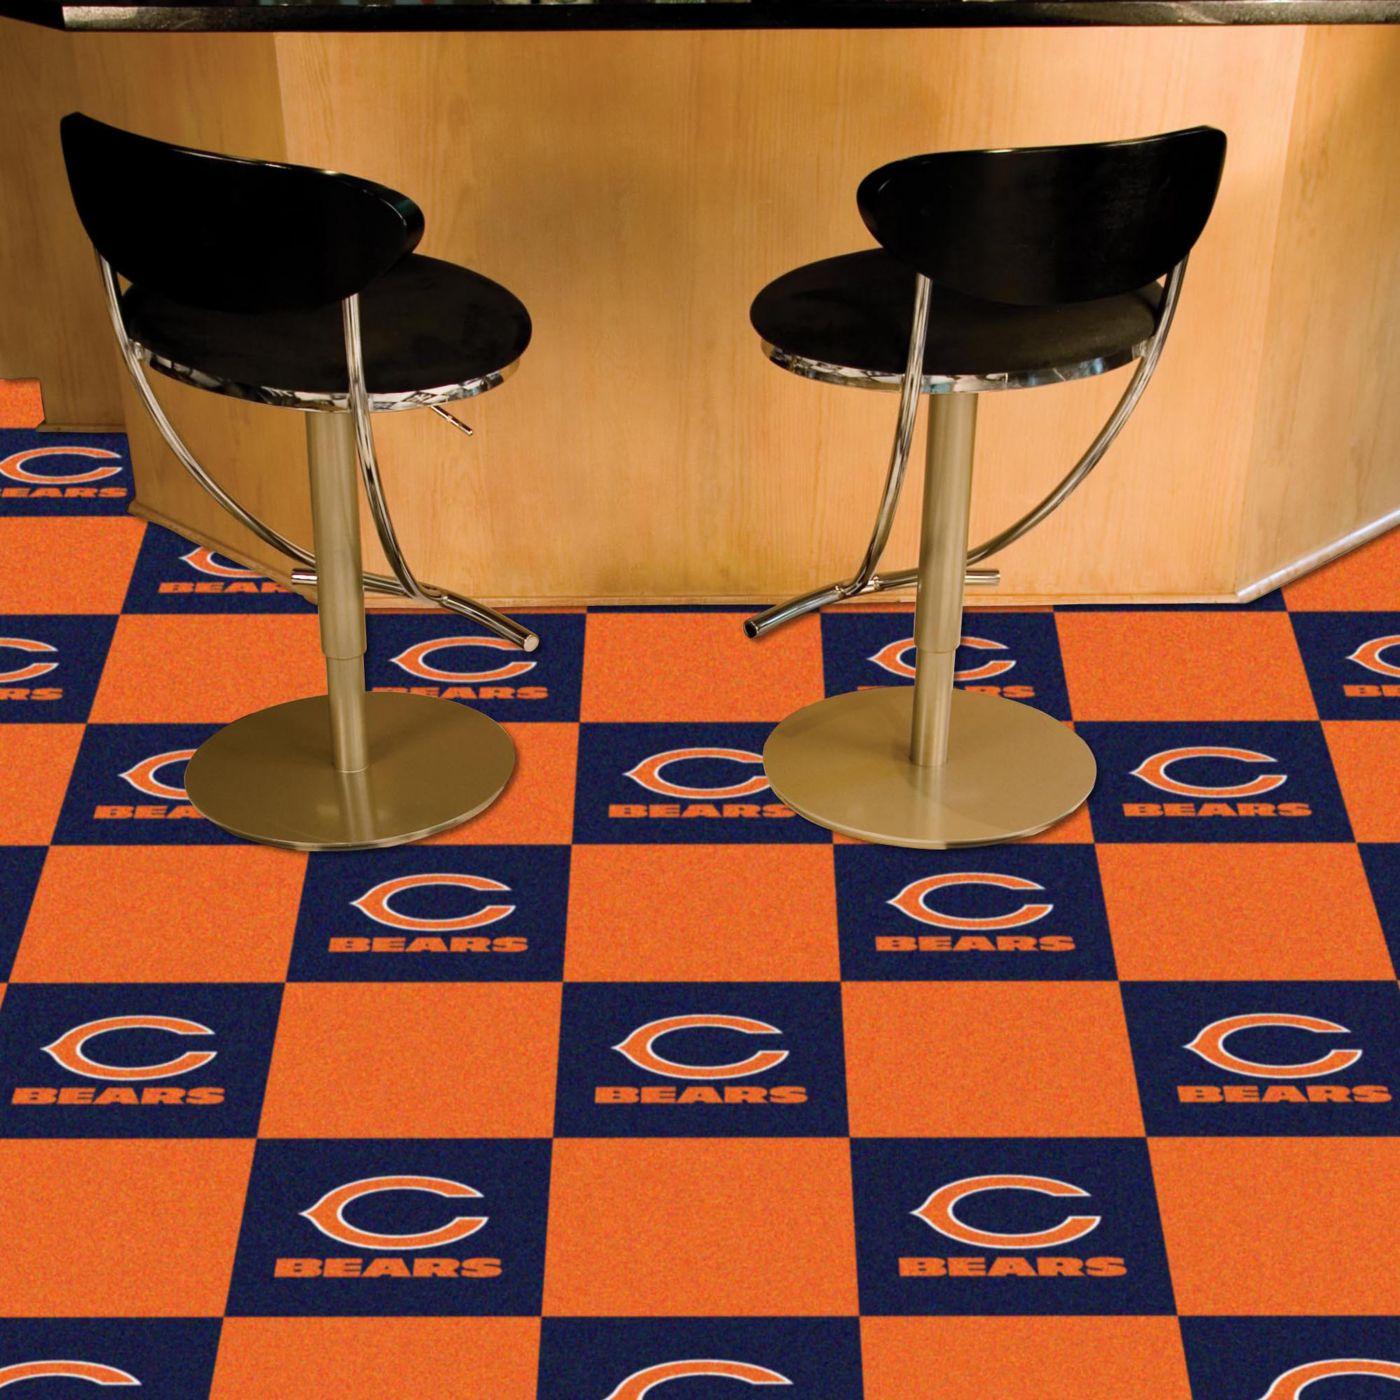 FANMATS Chicago Bears Team Carpet Tiles